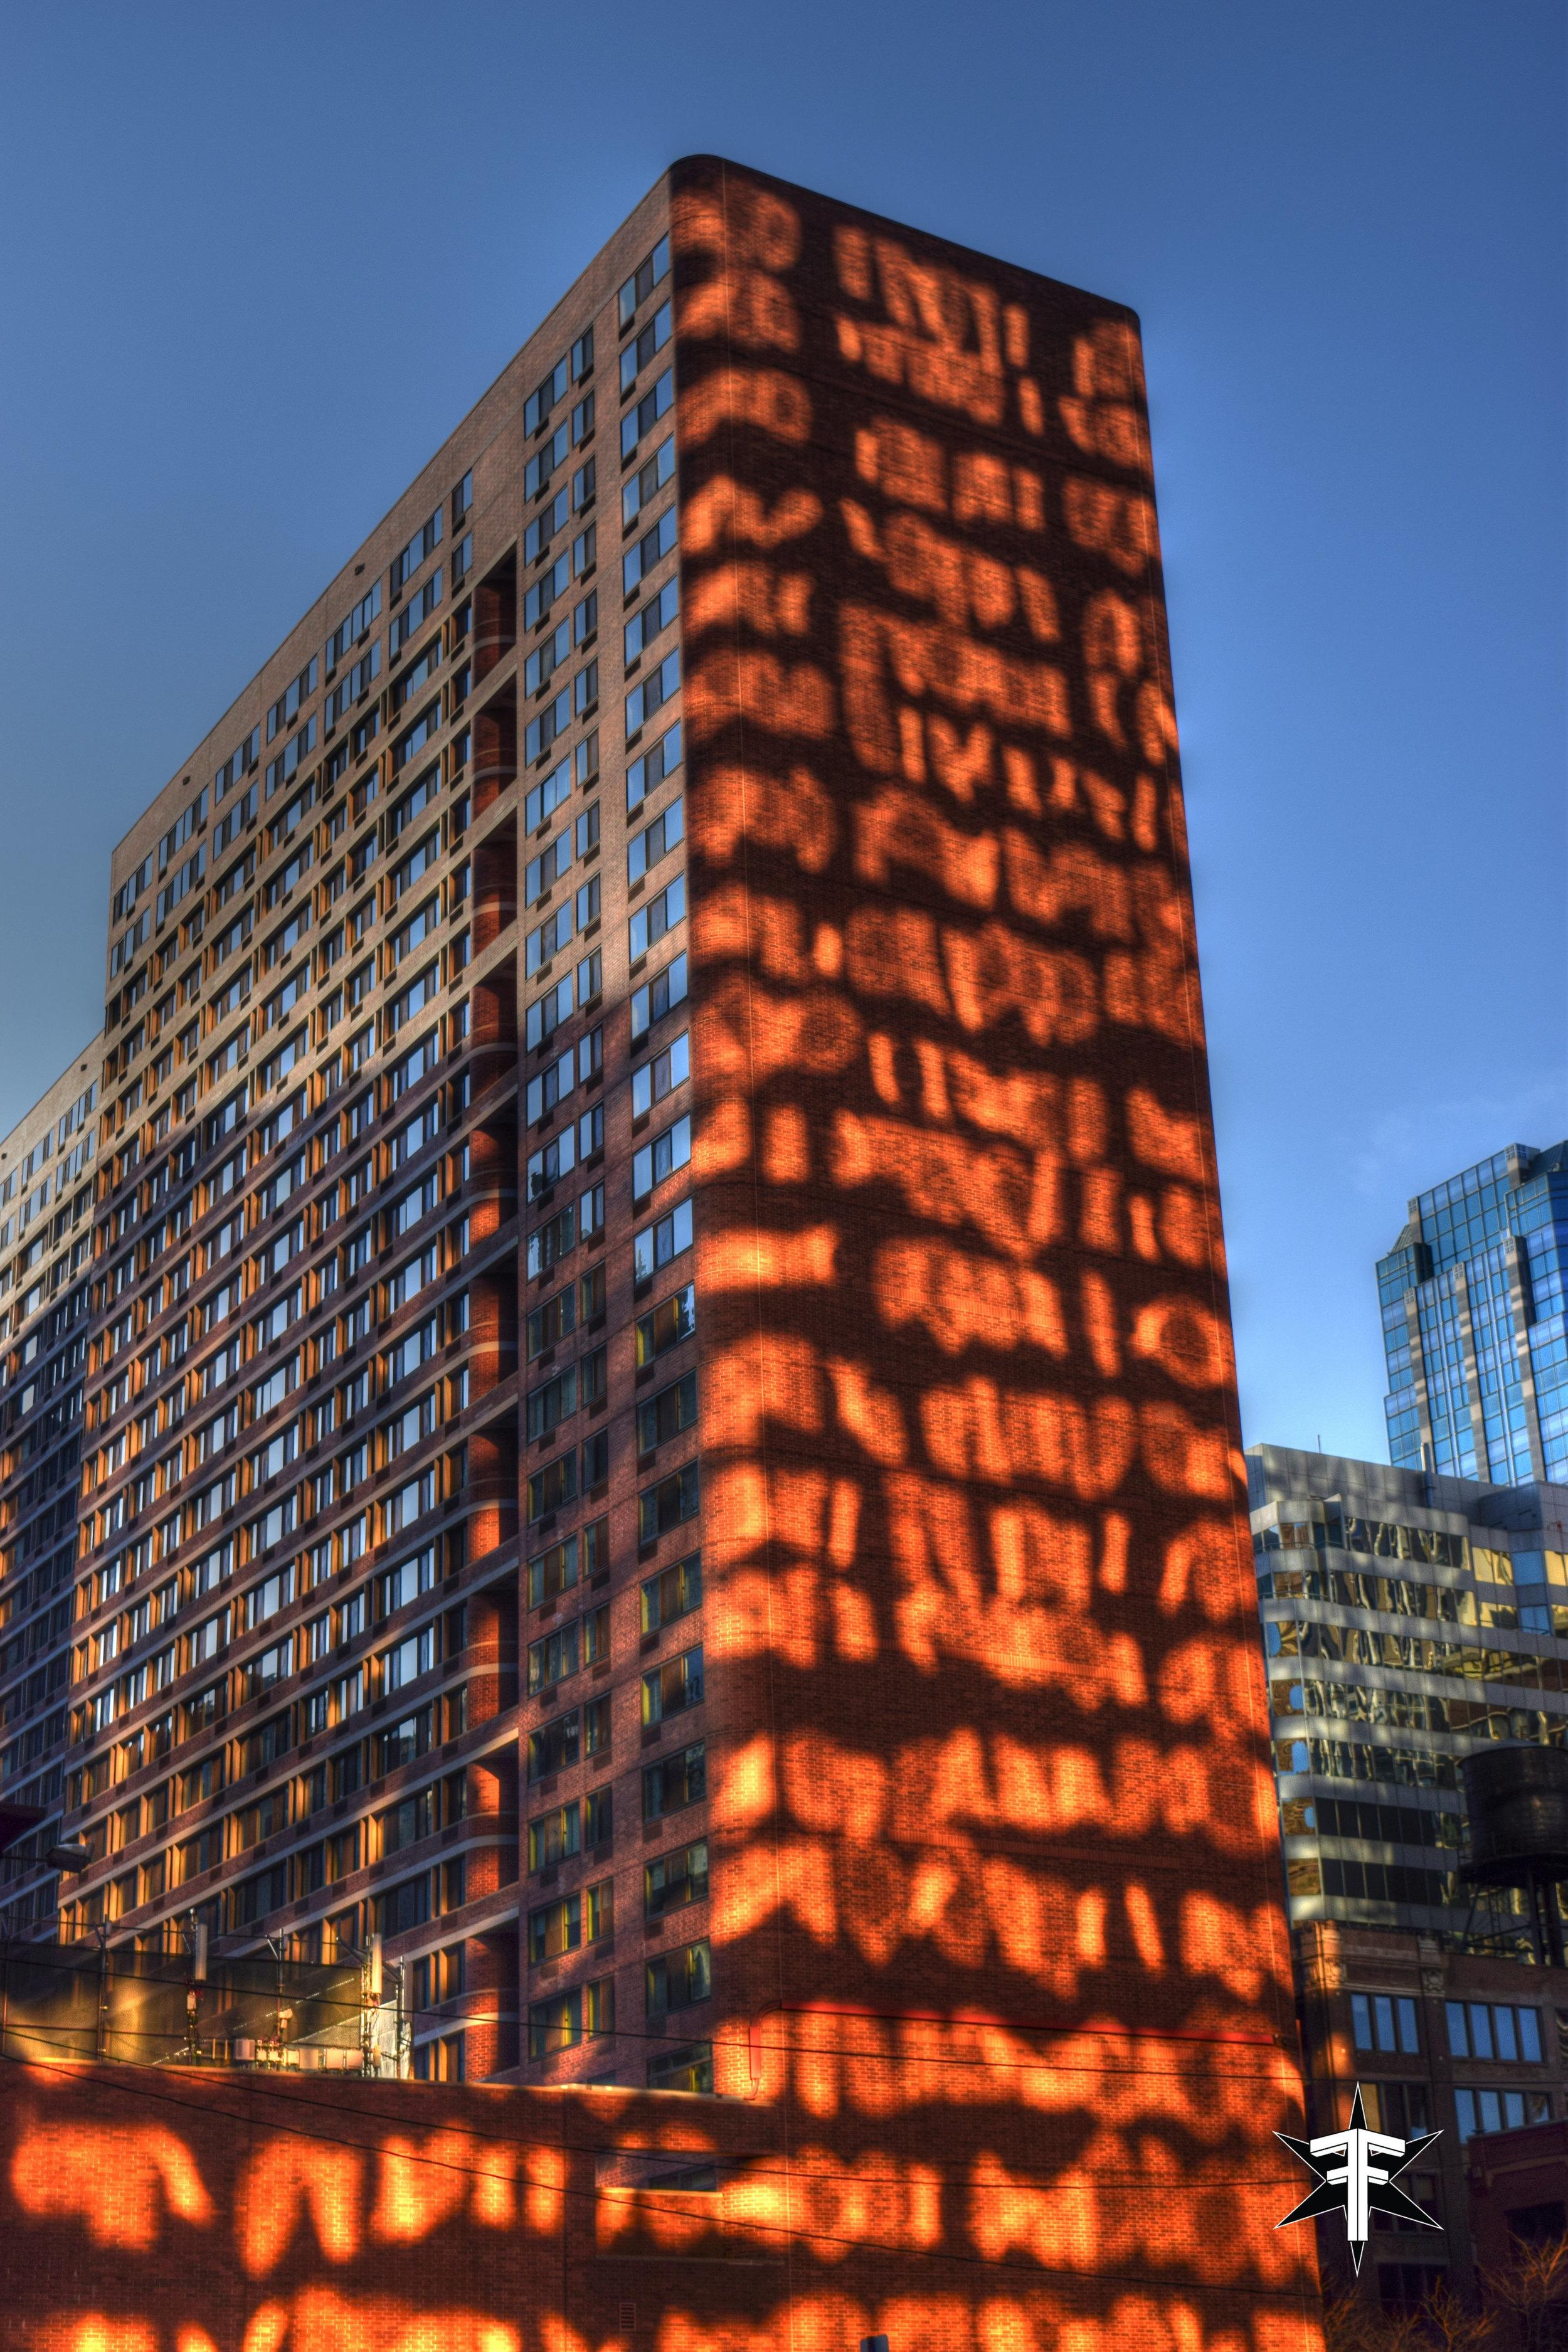 chicago architecture eric formato photography design arquitectura architettura buildings skyscraper skyscrapers-47.jpg